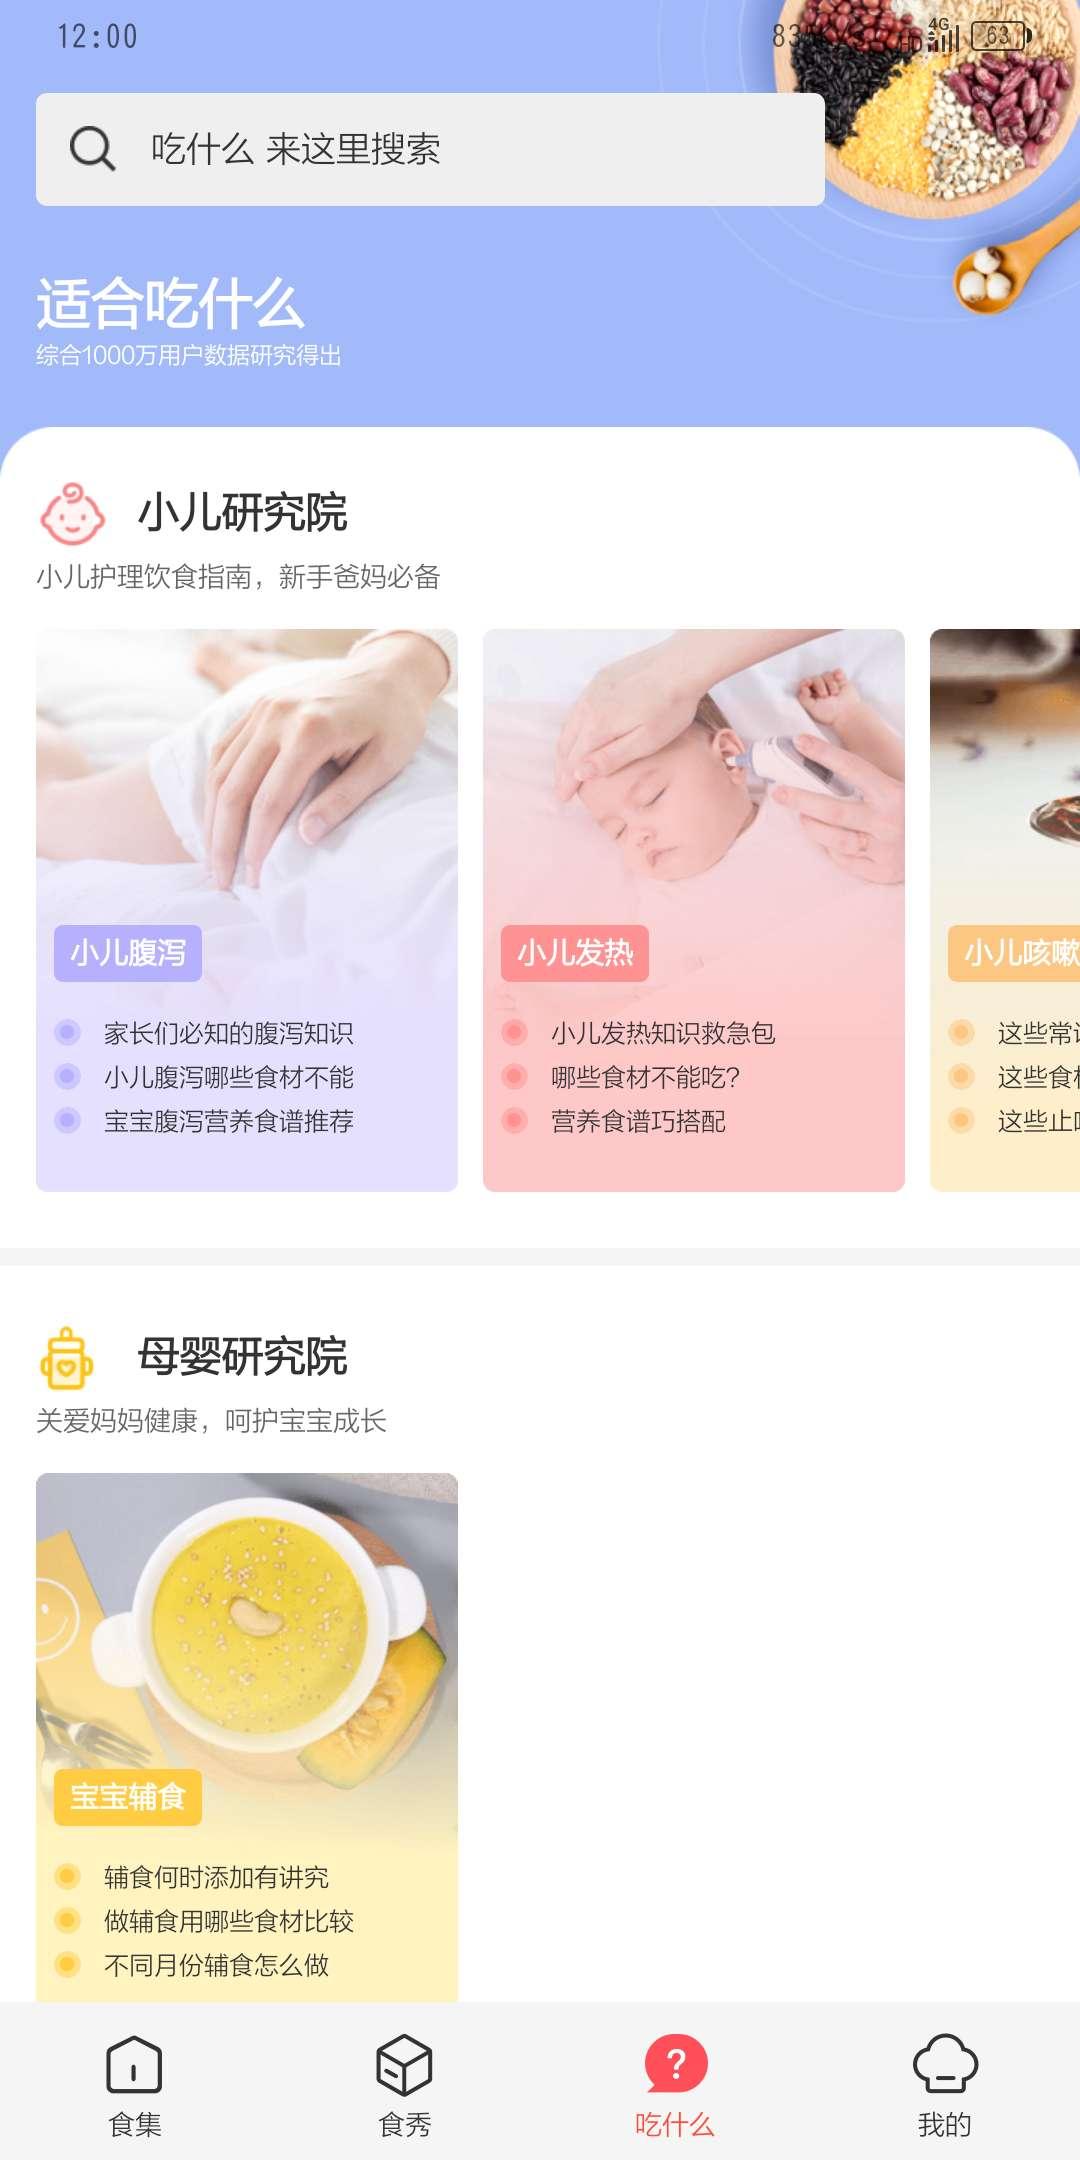 【原创软件】:美食杰去广告,菜谱,喜欢当厨师下载看看哦(^_^)-爱小助